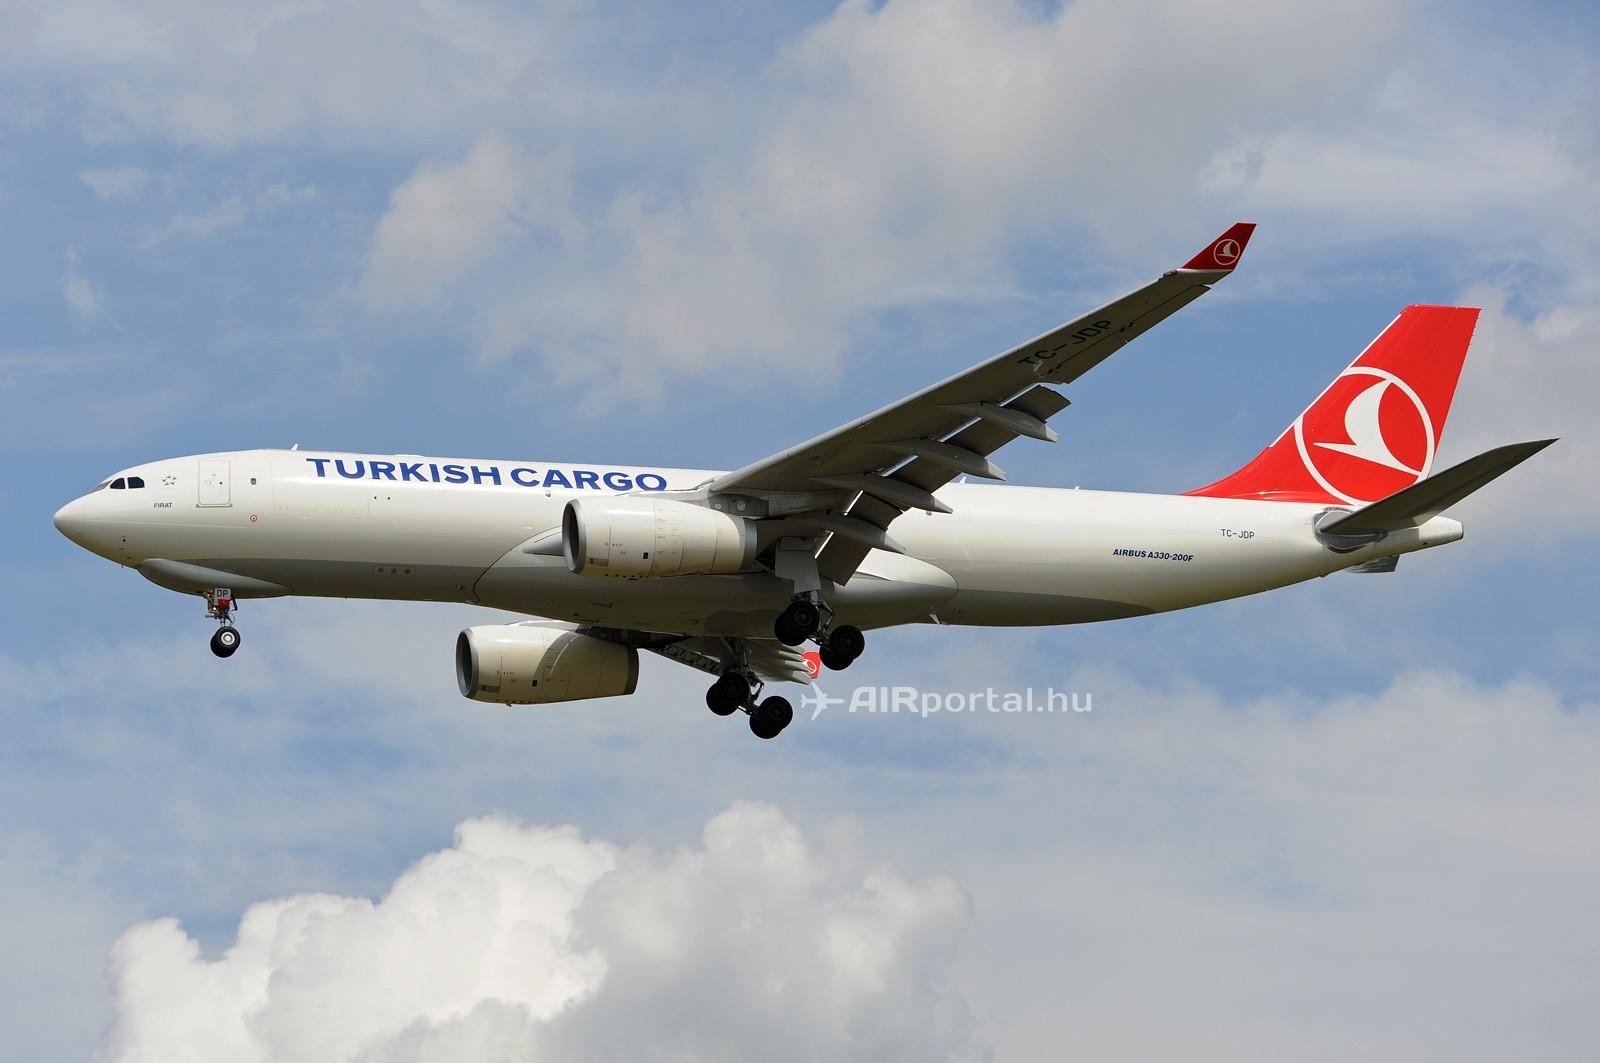 2011. augusztus 13-a, a Turkish Cargo járatával először érkezett Ferihegyre Airbus A330-200F típusú cargogép. (Fotó: Kovács Gábor - AIRportal.hu) | © AIRportal.hu